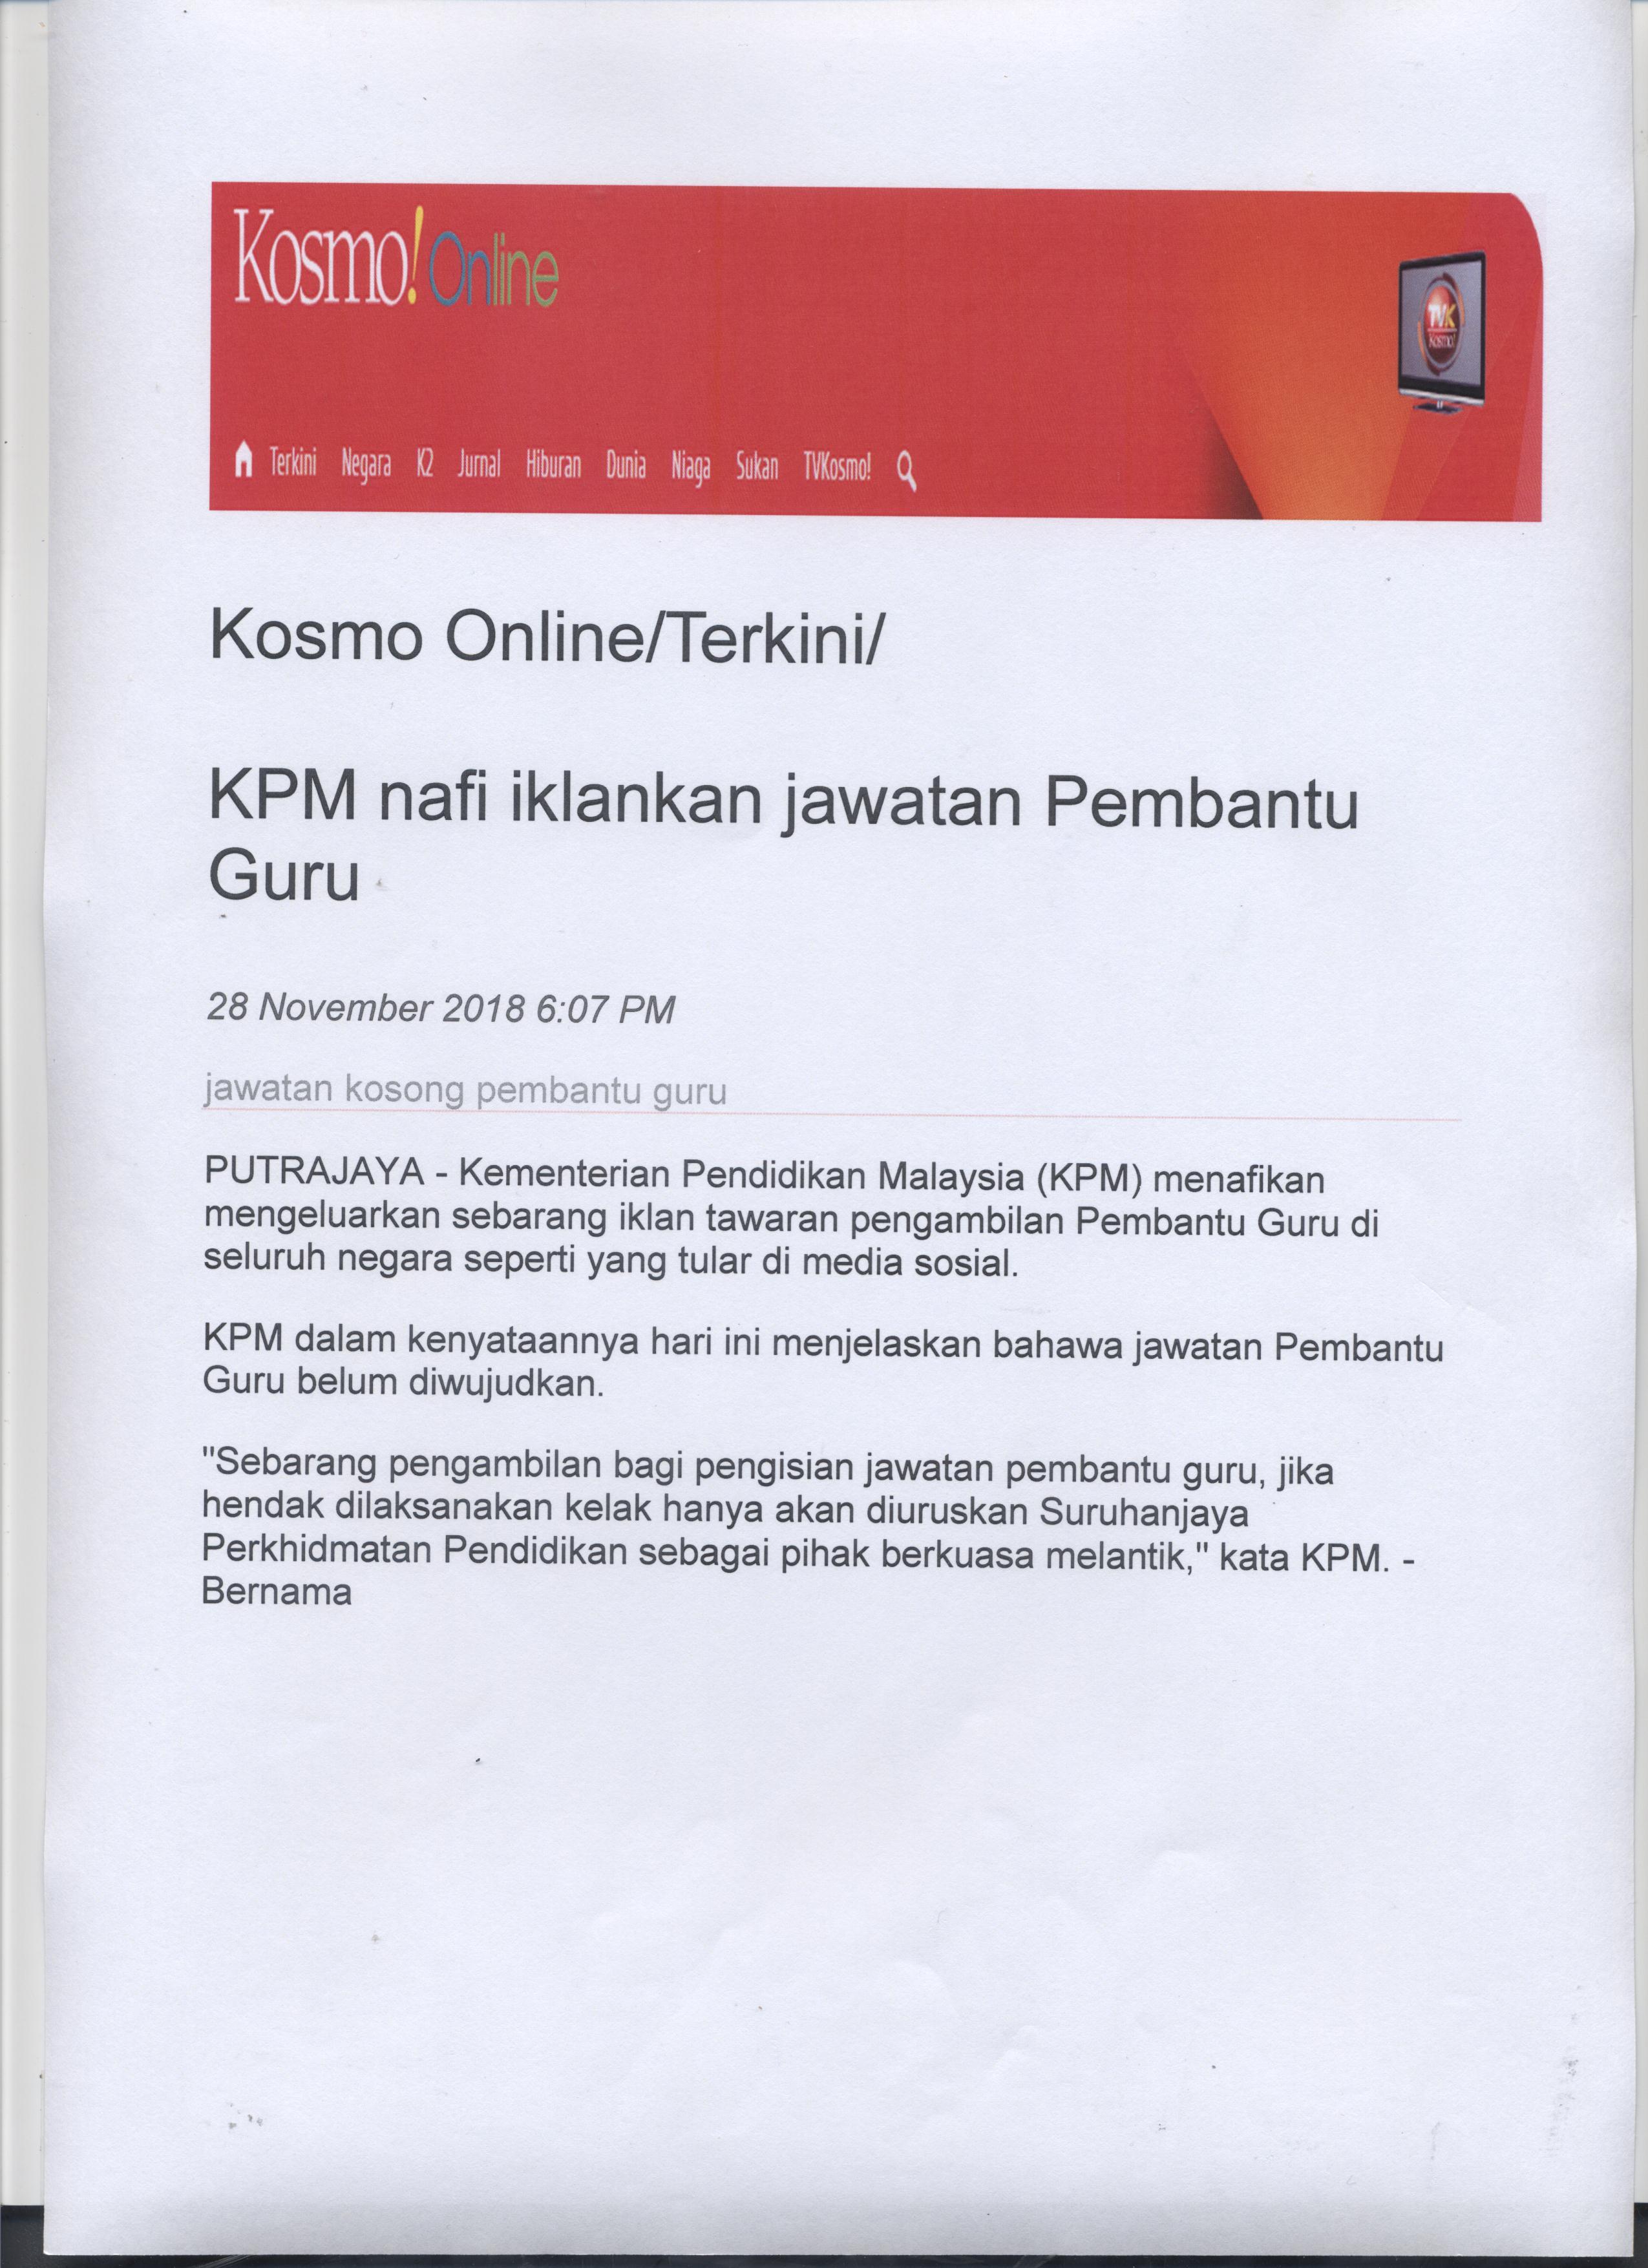 www kosmo online